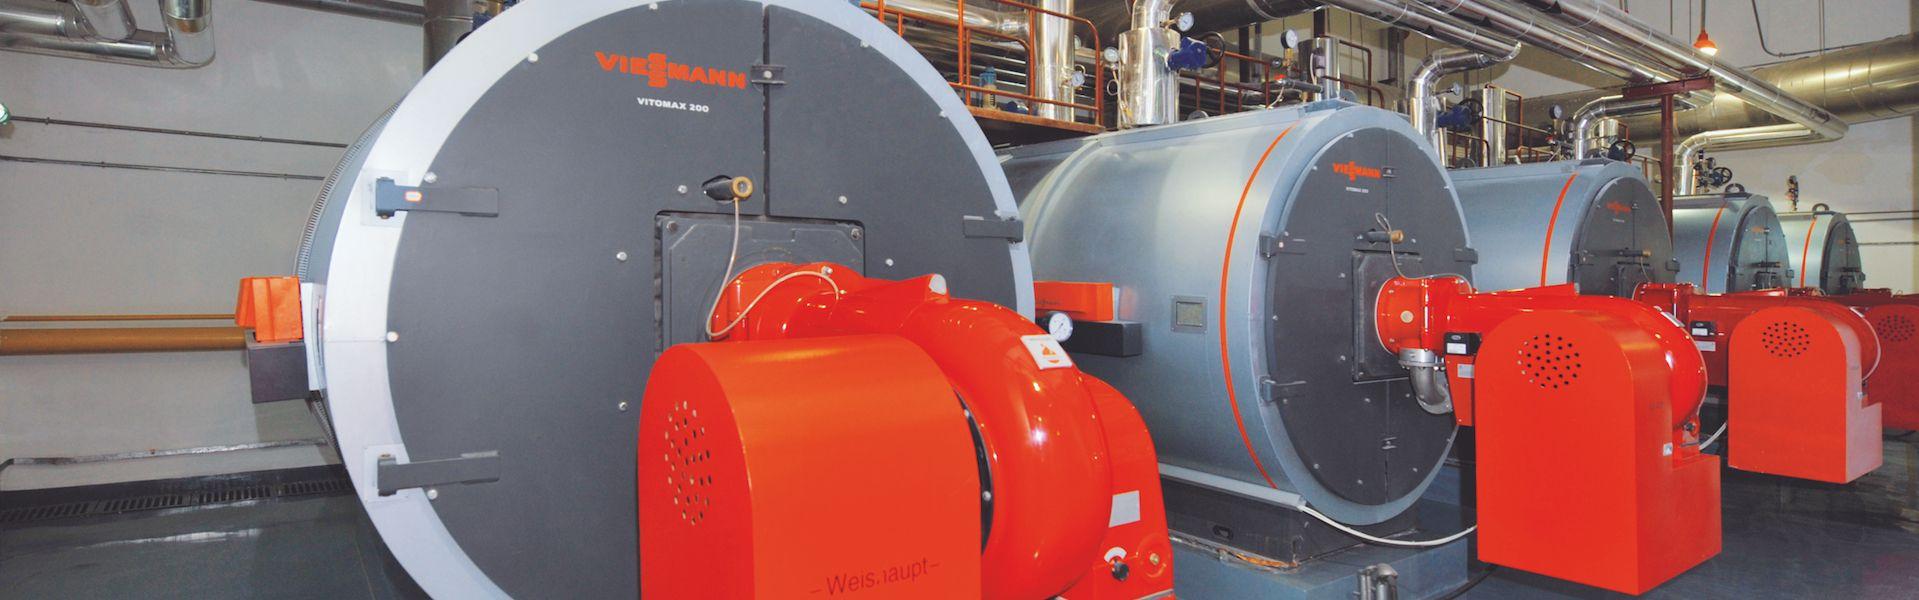 efficienza-riscaldamento-industriale-jpg